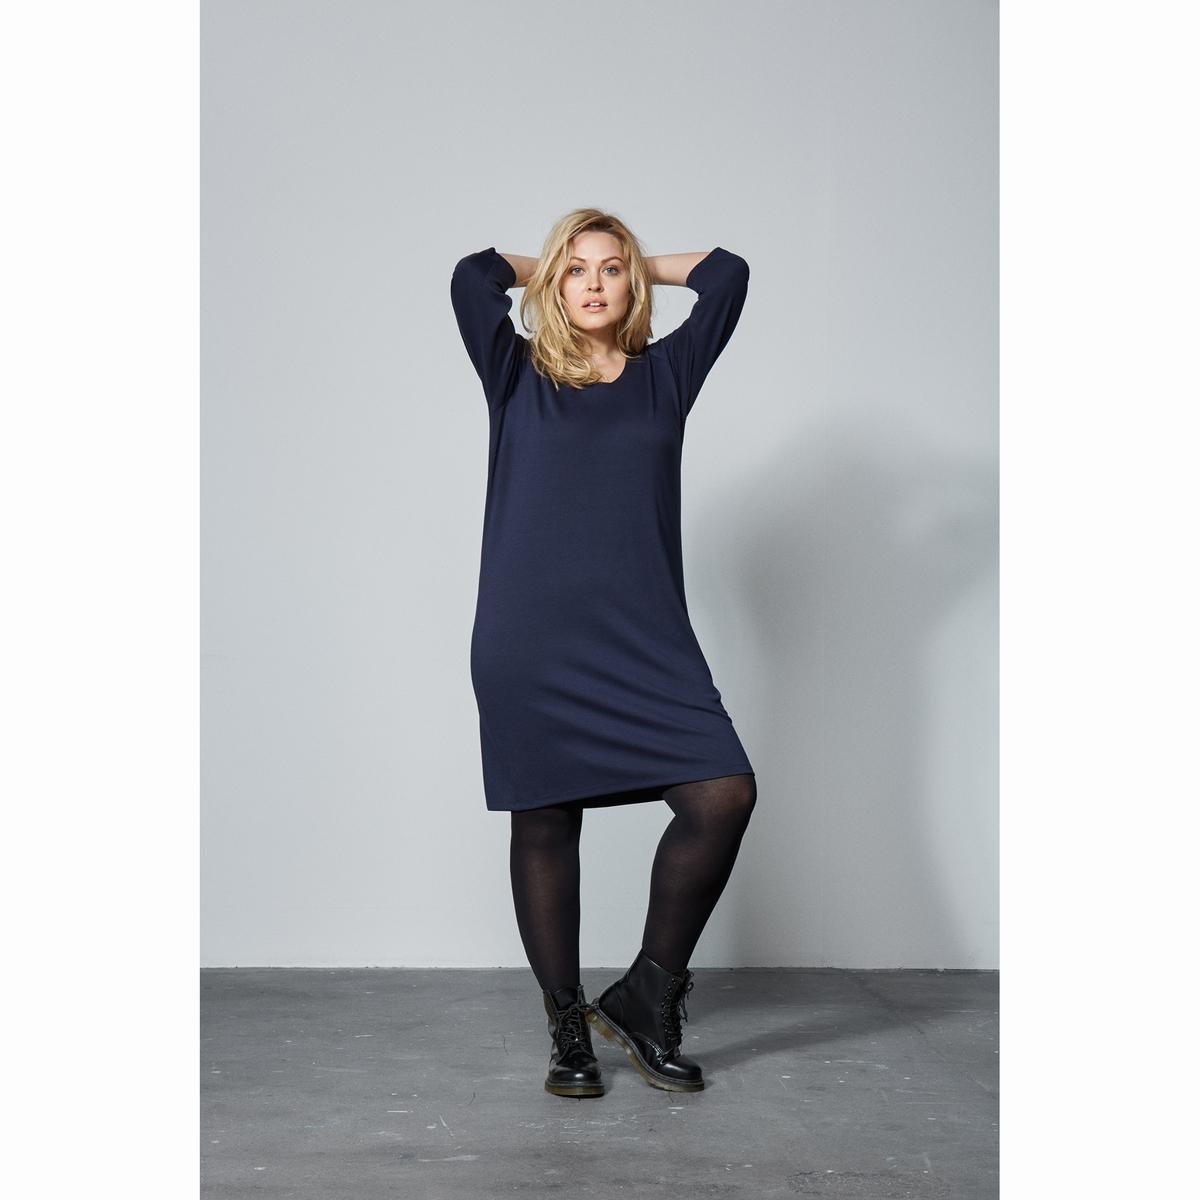 ПлатьеПлатье ZIZZI. Красивое платье с круглым вырезом и рукавами 3/4 .  Состав и описаниеМатериал: 79% полиэстера, 18% вискозы, 3% эластана.     Марка: ZIZZI<br><br>Цвет: темно-синий<br>Размер: 42/44 (FR) - 48/50 (RUS).50/52 (FR) - 56/58 (RUS)